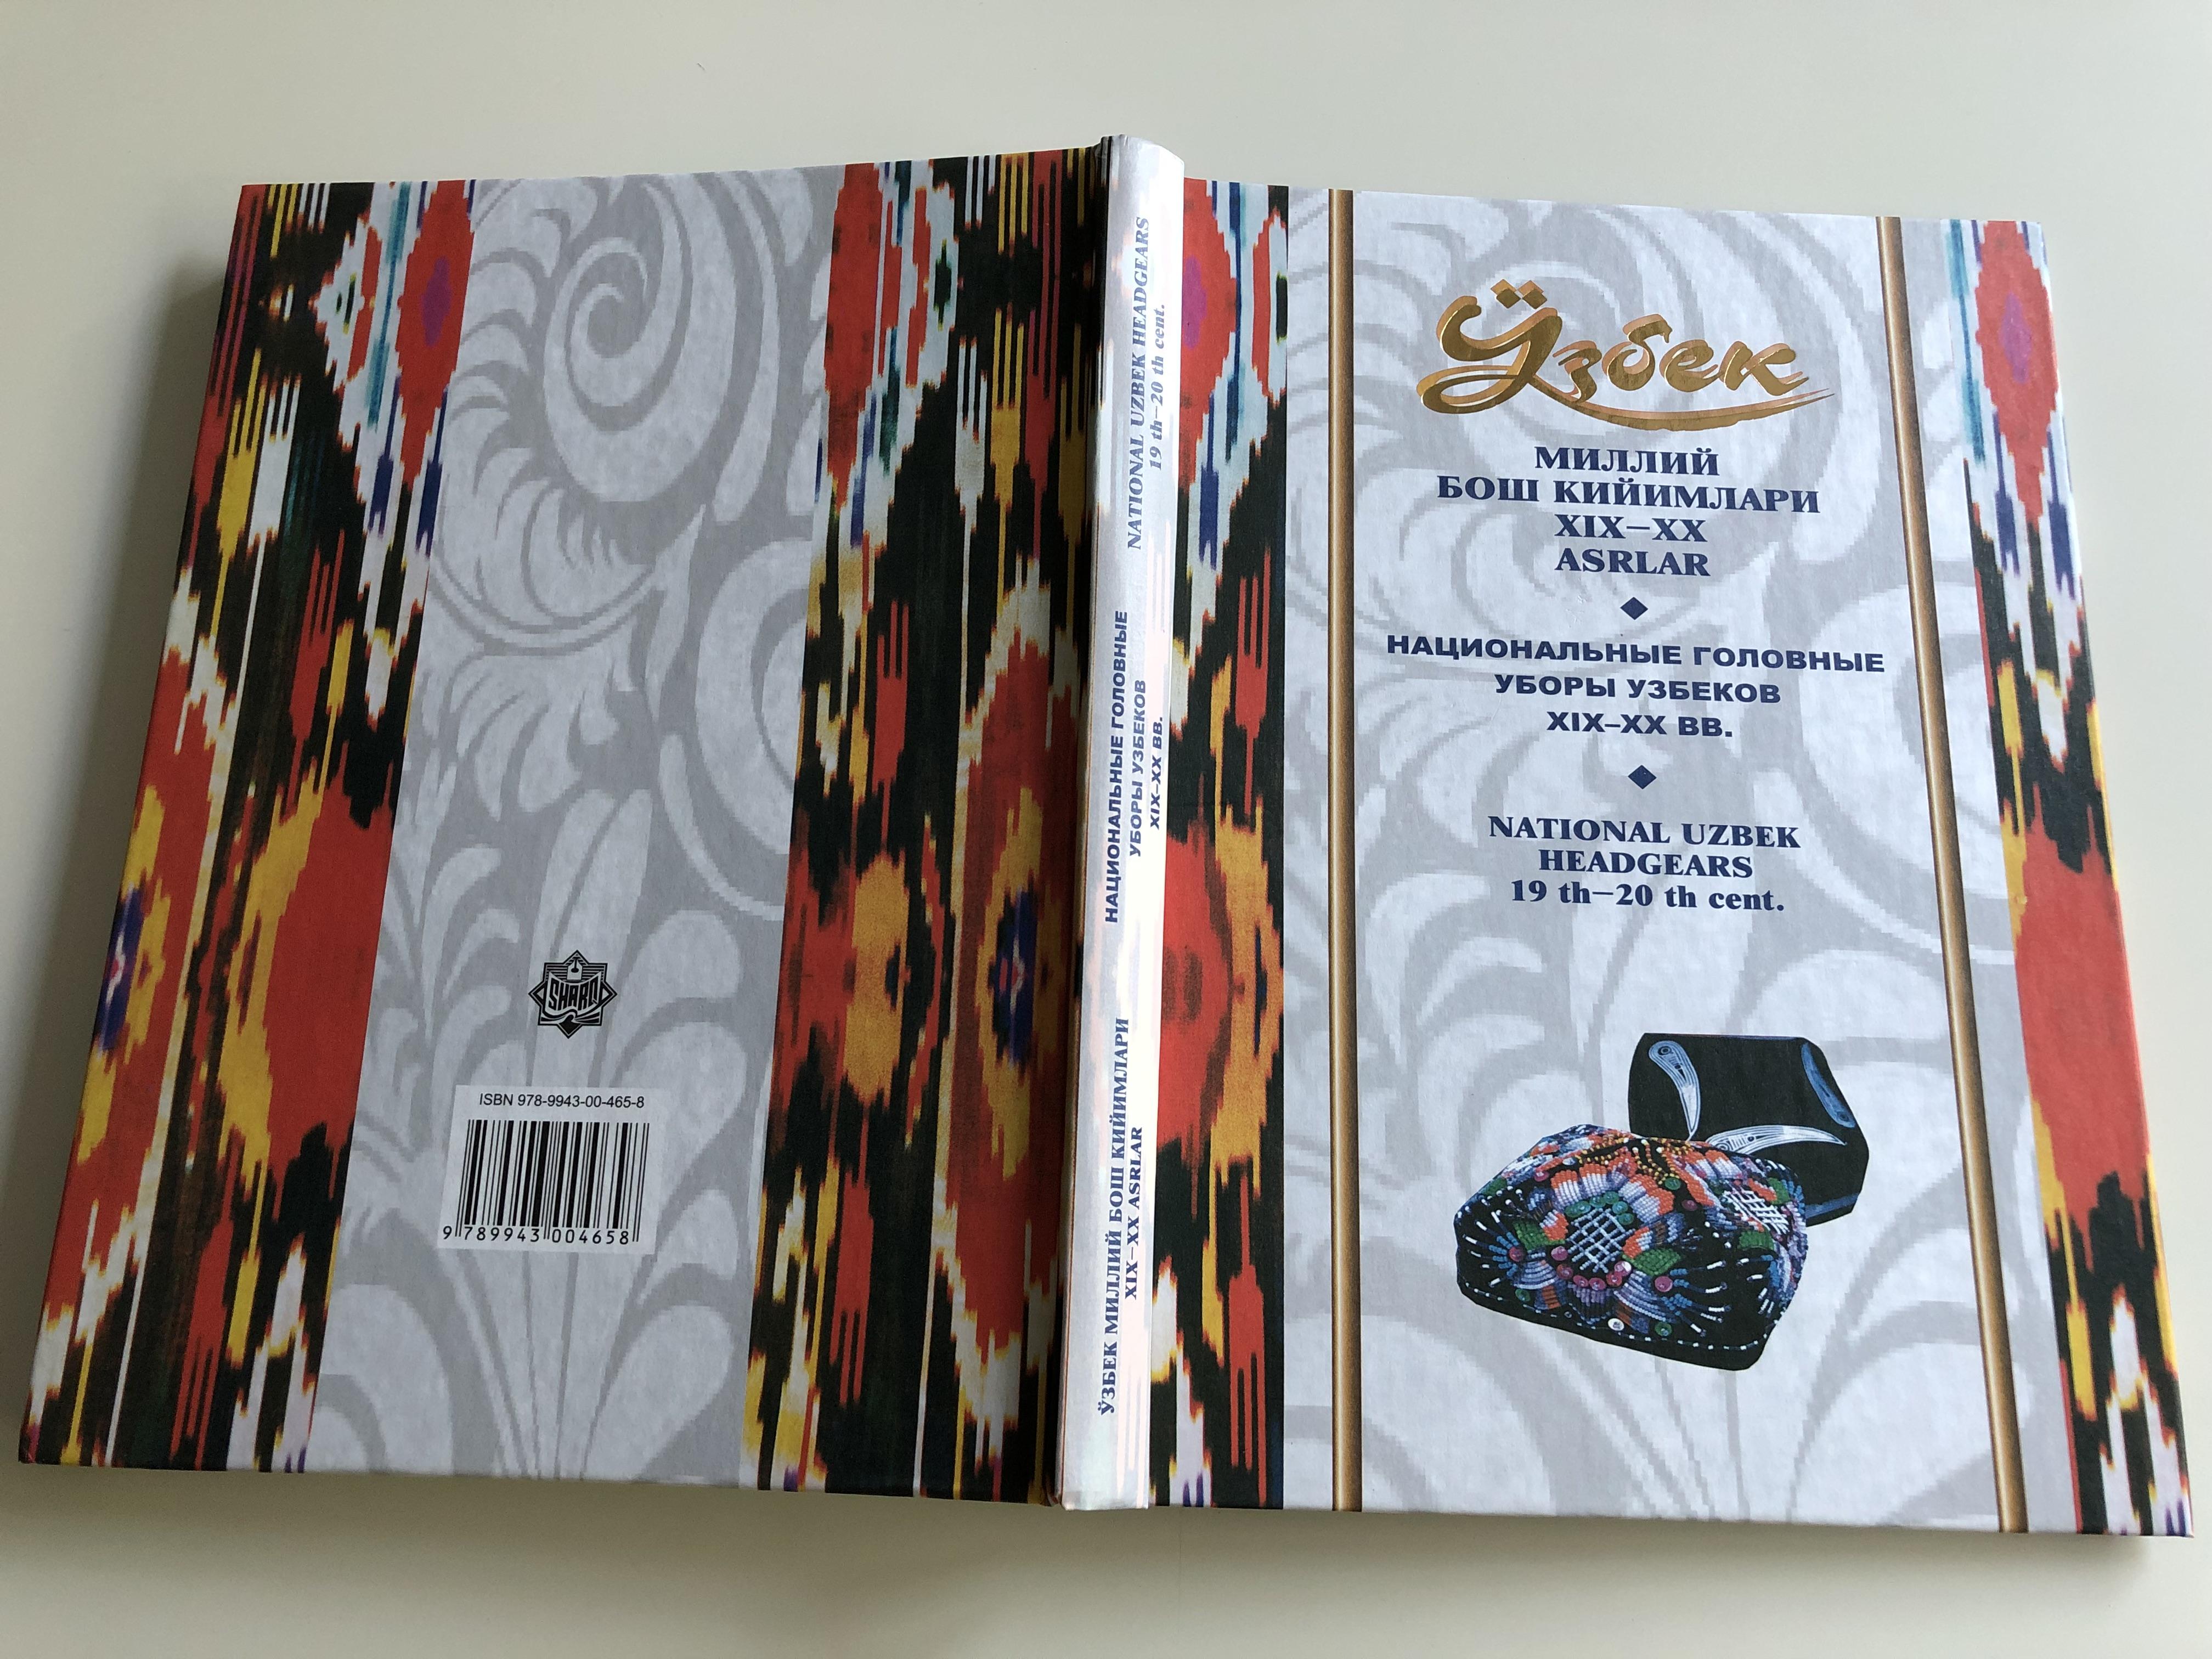 national-uzbek-headgears-19th-20th-century-by-sadikova-nafisa-gaybullaeva-yulduz-xix-xx-asrlar-uzbek-russian-english-trilingual-edition-hardcover-2014-sharq-31-.jpg